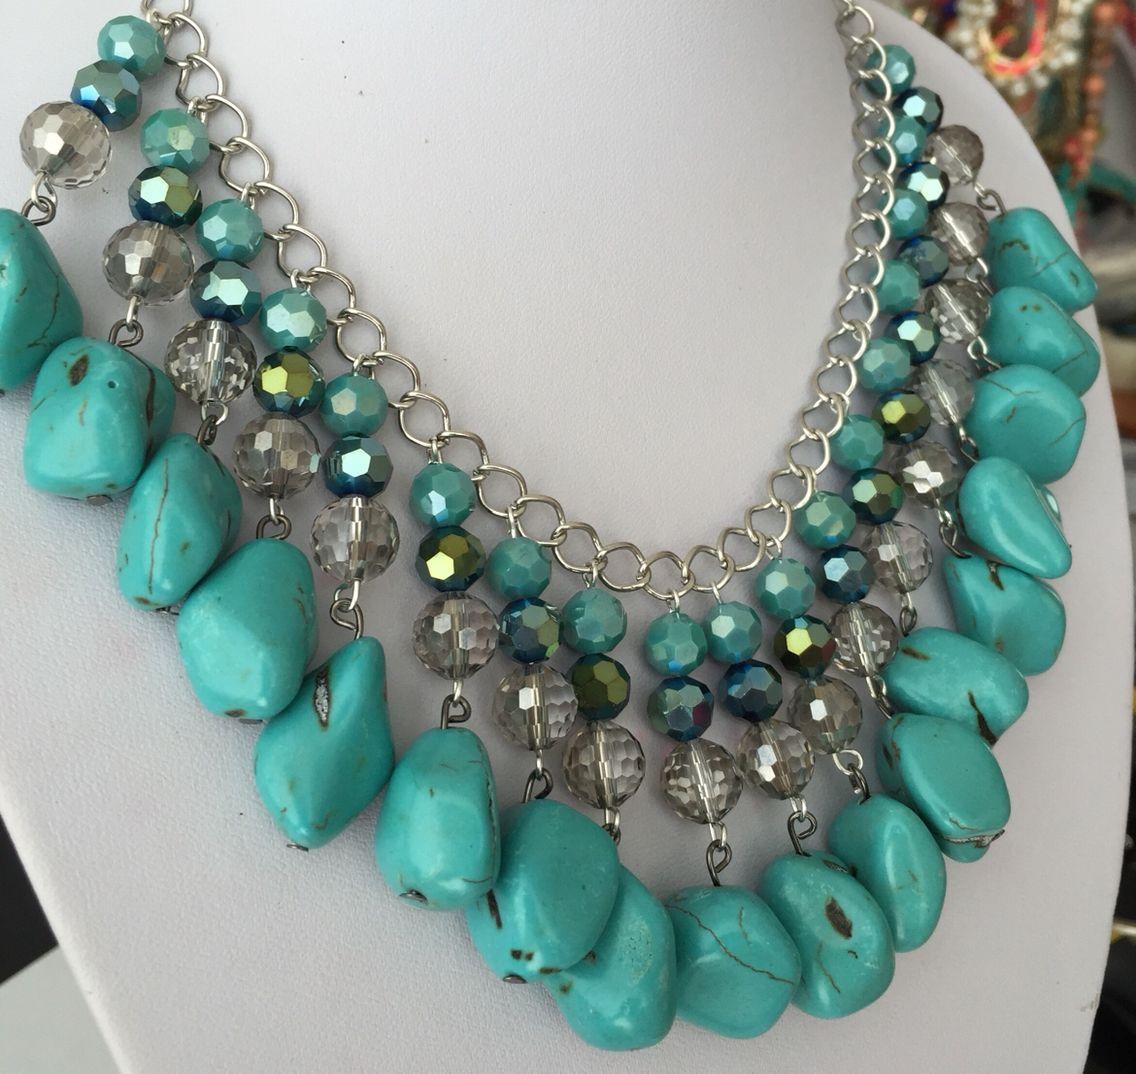 Collar de piedras y cristales turquesa necklace 2 - Piedras para collares ...